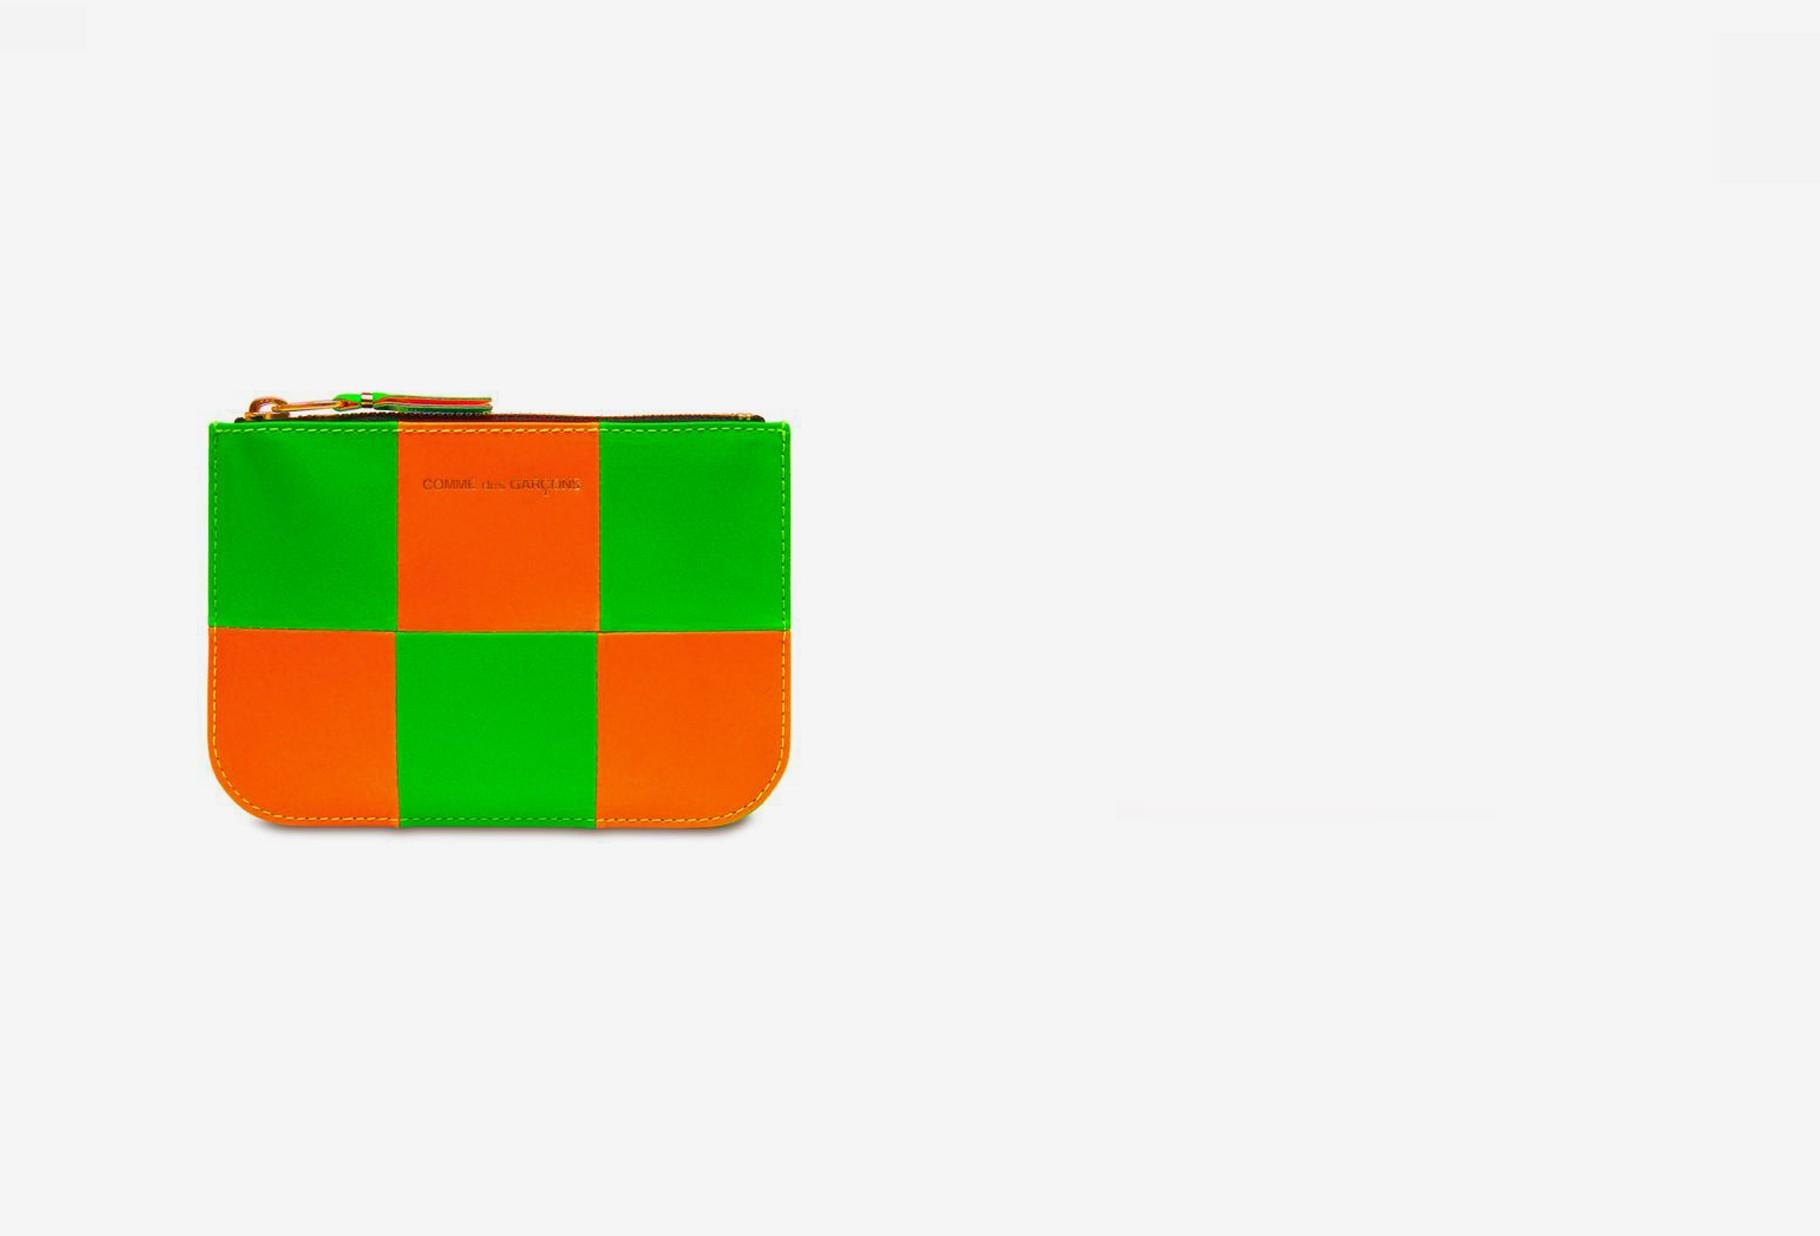 COMME DES GARÇONS WALLETS / Cdg wallet fluo squares Sa8100 orange green